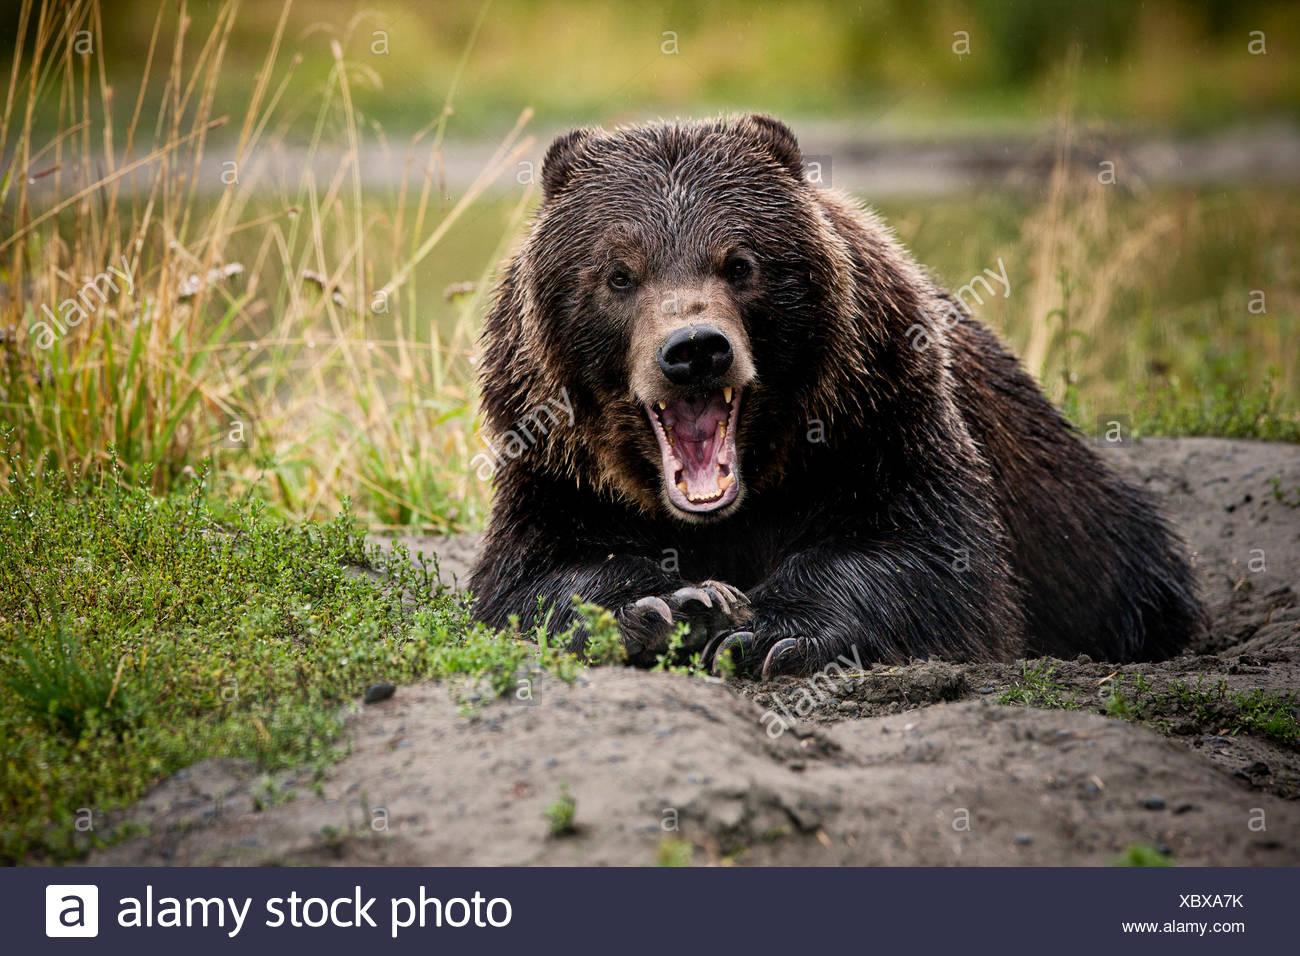 Grizzlybär (Ursus Arctos Horribilis) mit weit geöffneten Rachen, bedrohliche Geste, Valdez, Alaska, Vereinigte Staaten von Amerika Stockbild